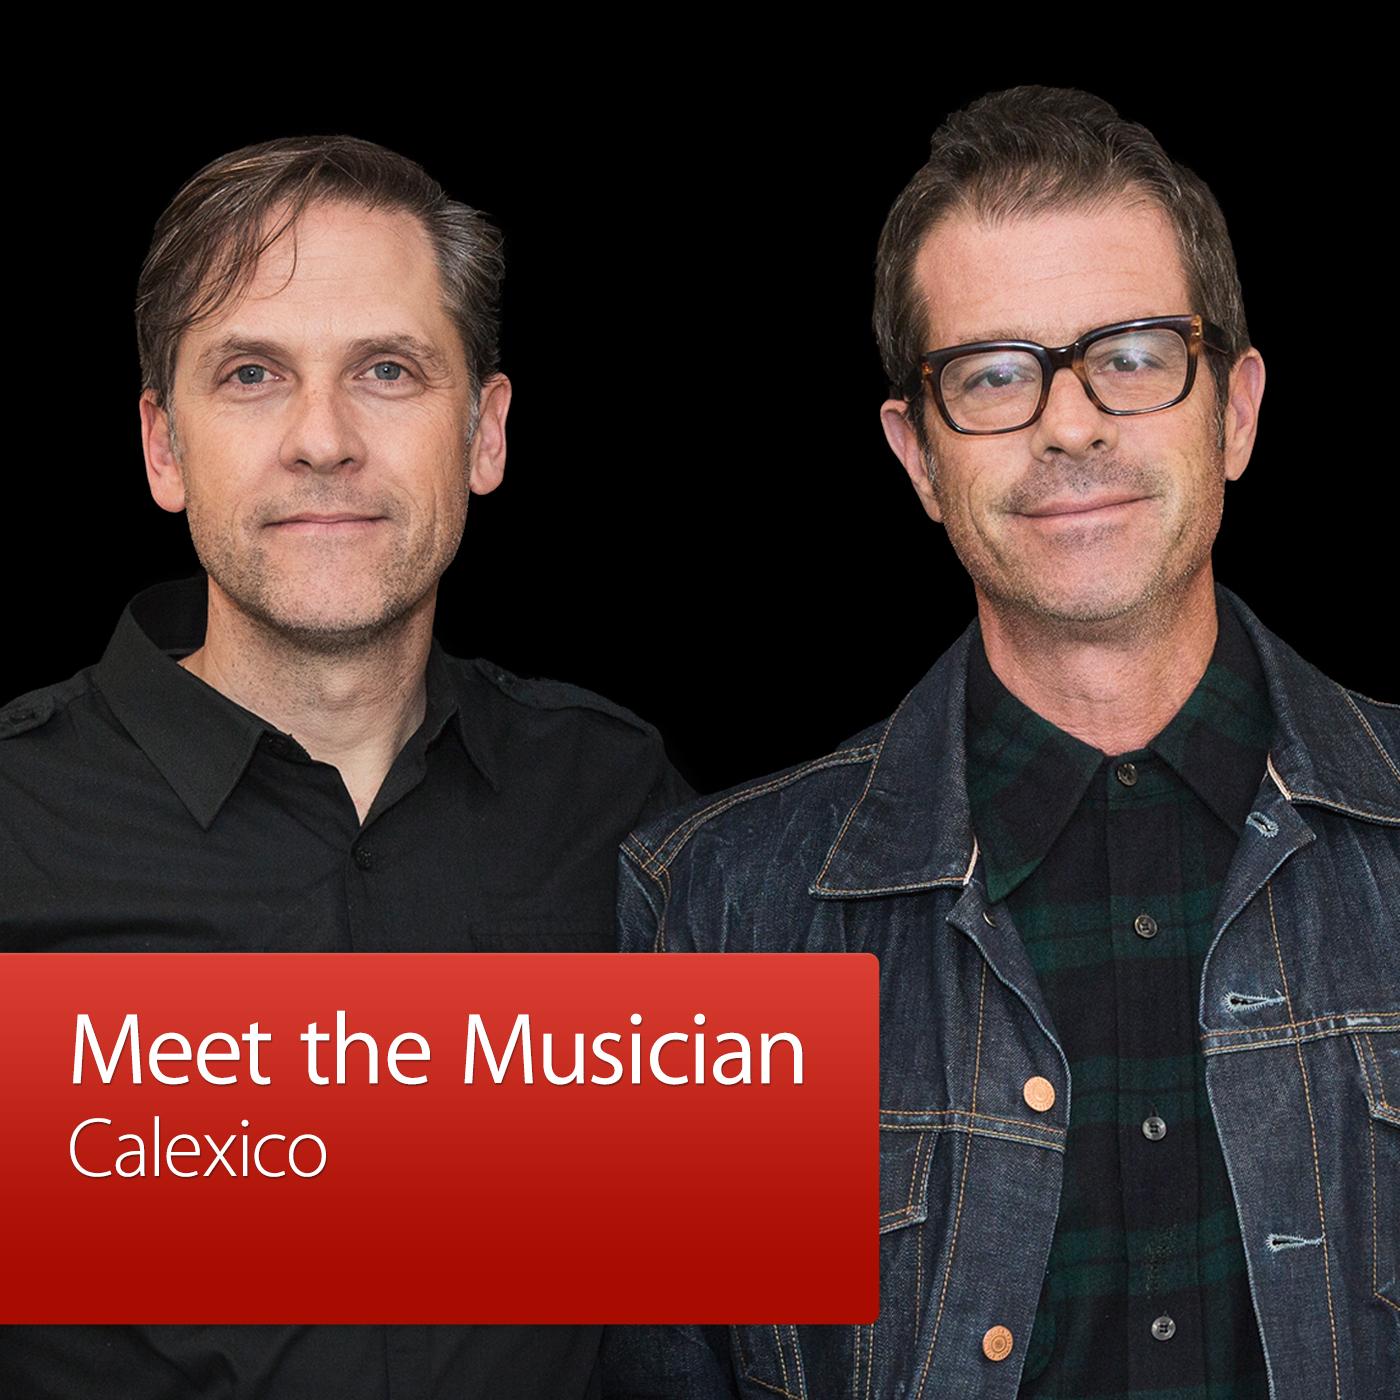 Calexico: Meet the Musician